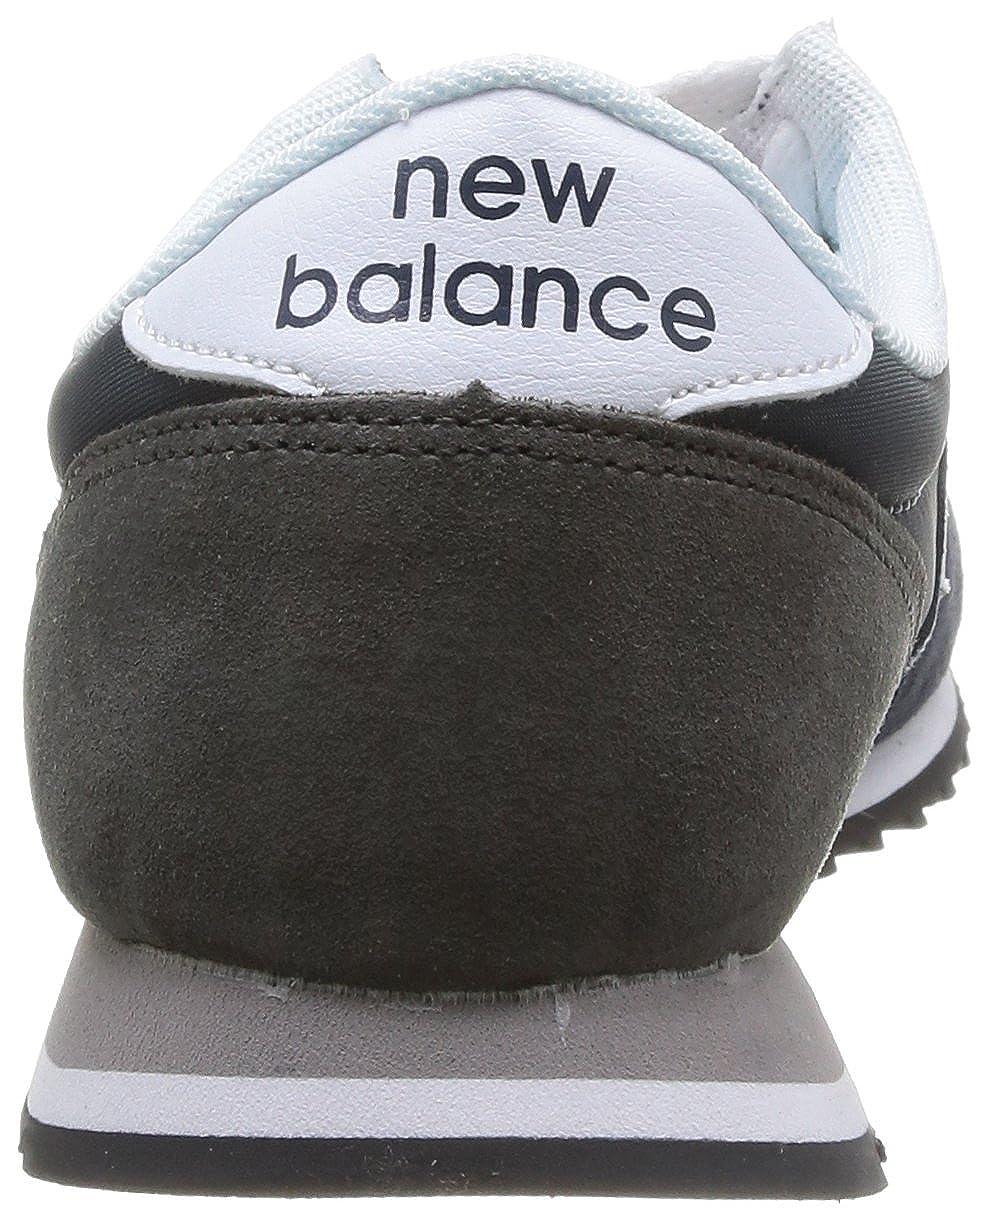 wholesale dealer 8e41d 7b87a New Balance 420, Unisex-Adults  Trainers  Amazon.co.uk  Shoes   Bags